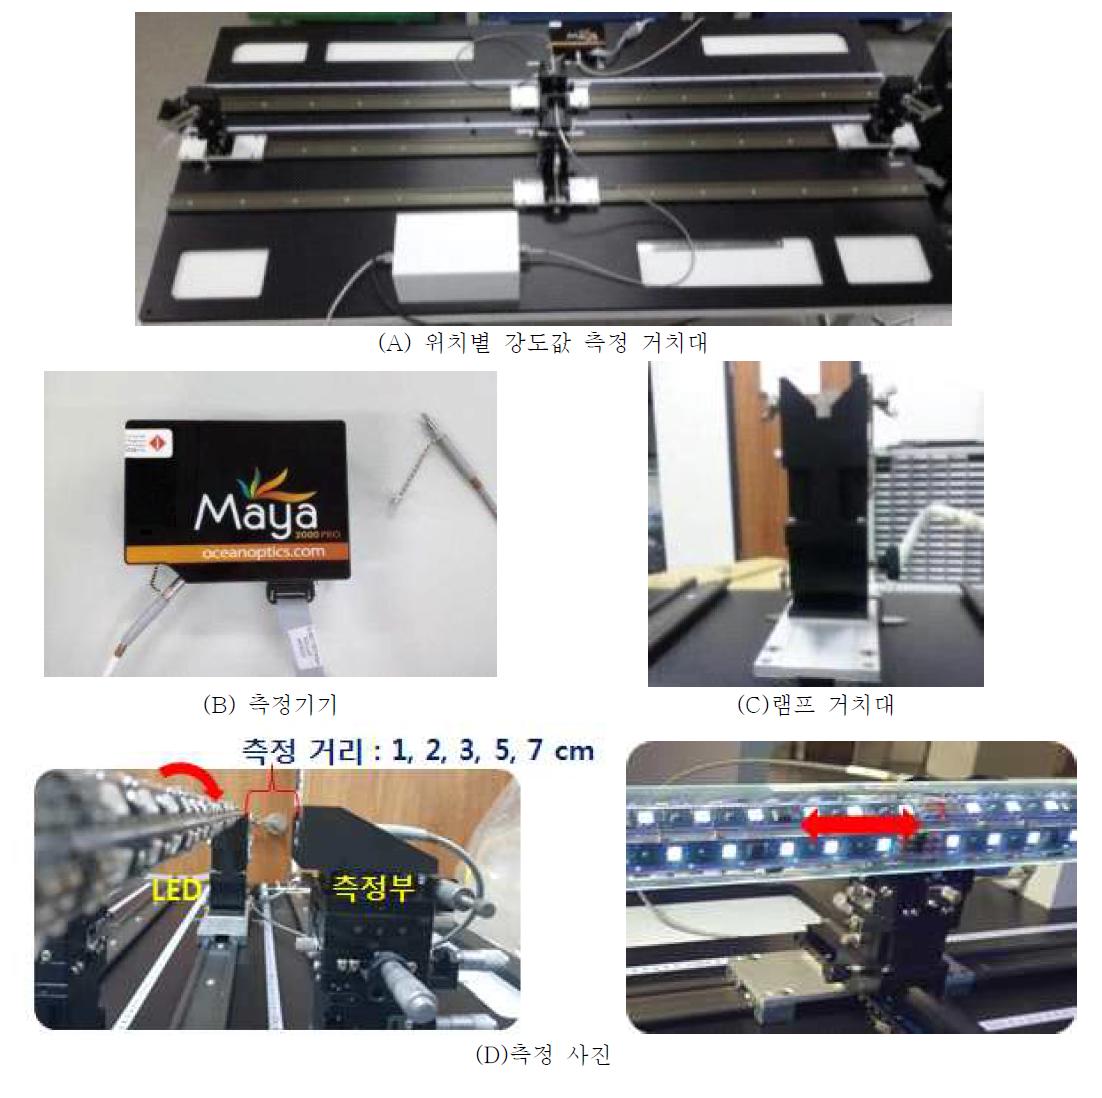 LED 램프 위치별 강도 측정기기 및 방법